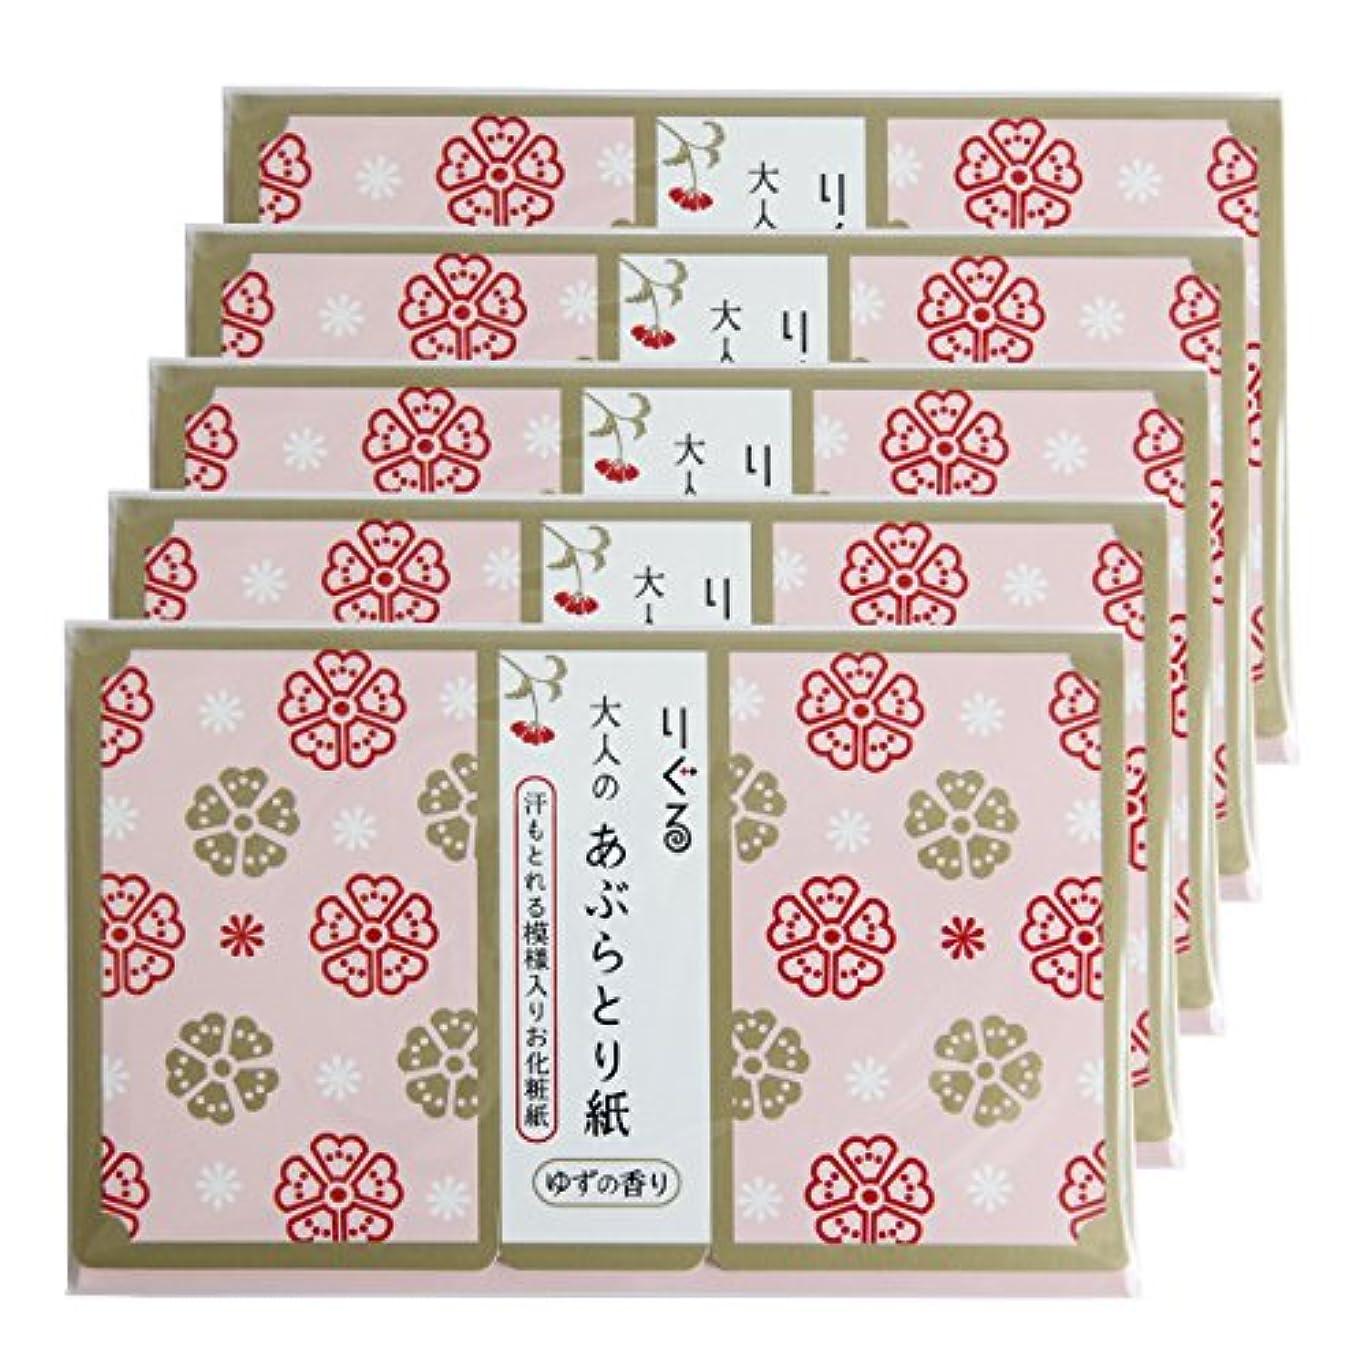 プレゼンター肌友だちりぐる 大人のあぶらとり紙 使うたびにうれしくなる ちょっと贅沢な高知県産ゆずの香りのあぶらとり紙(30枚入り) (5p)